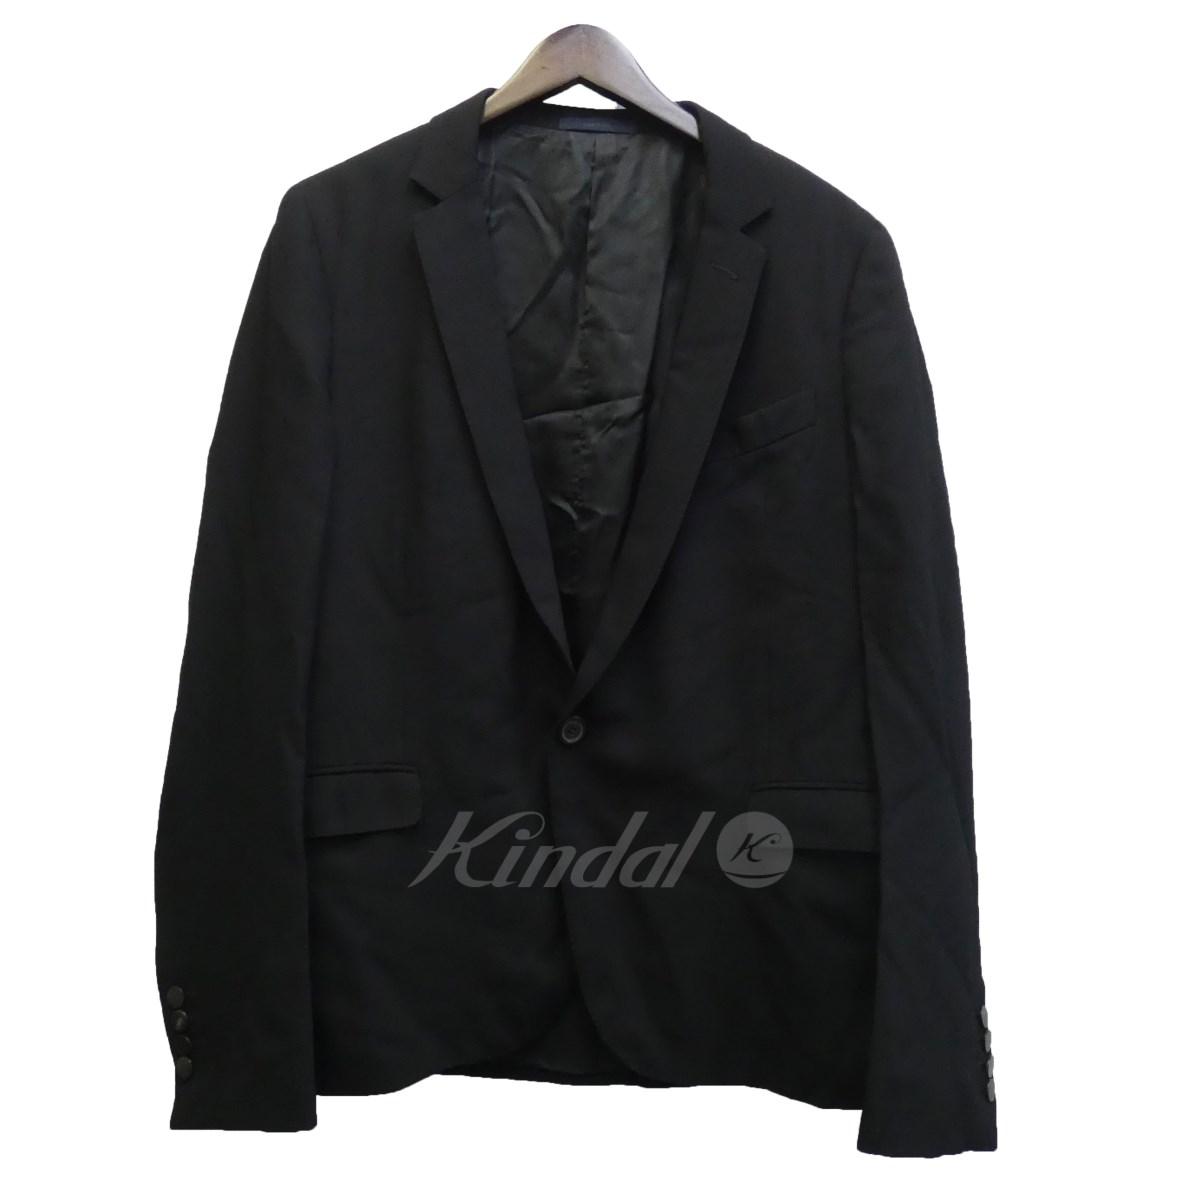 【中古】LANVINピークドB1 テーラードジャケット ブラック サイズ:46 【送料無料】